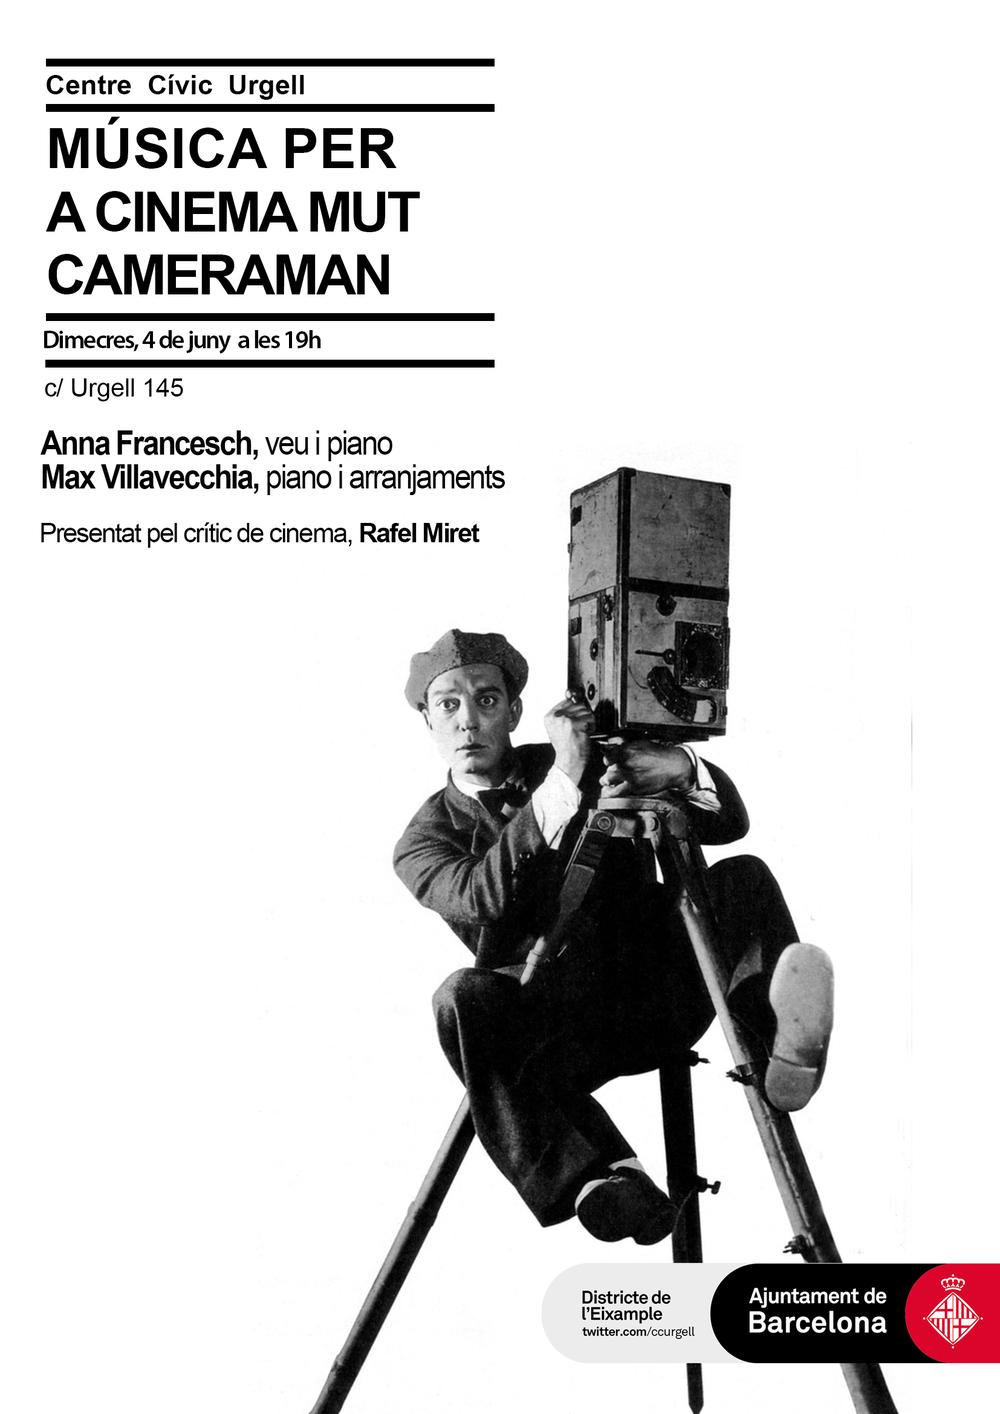 Cameraman CCU.jpg